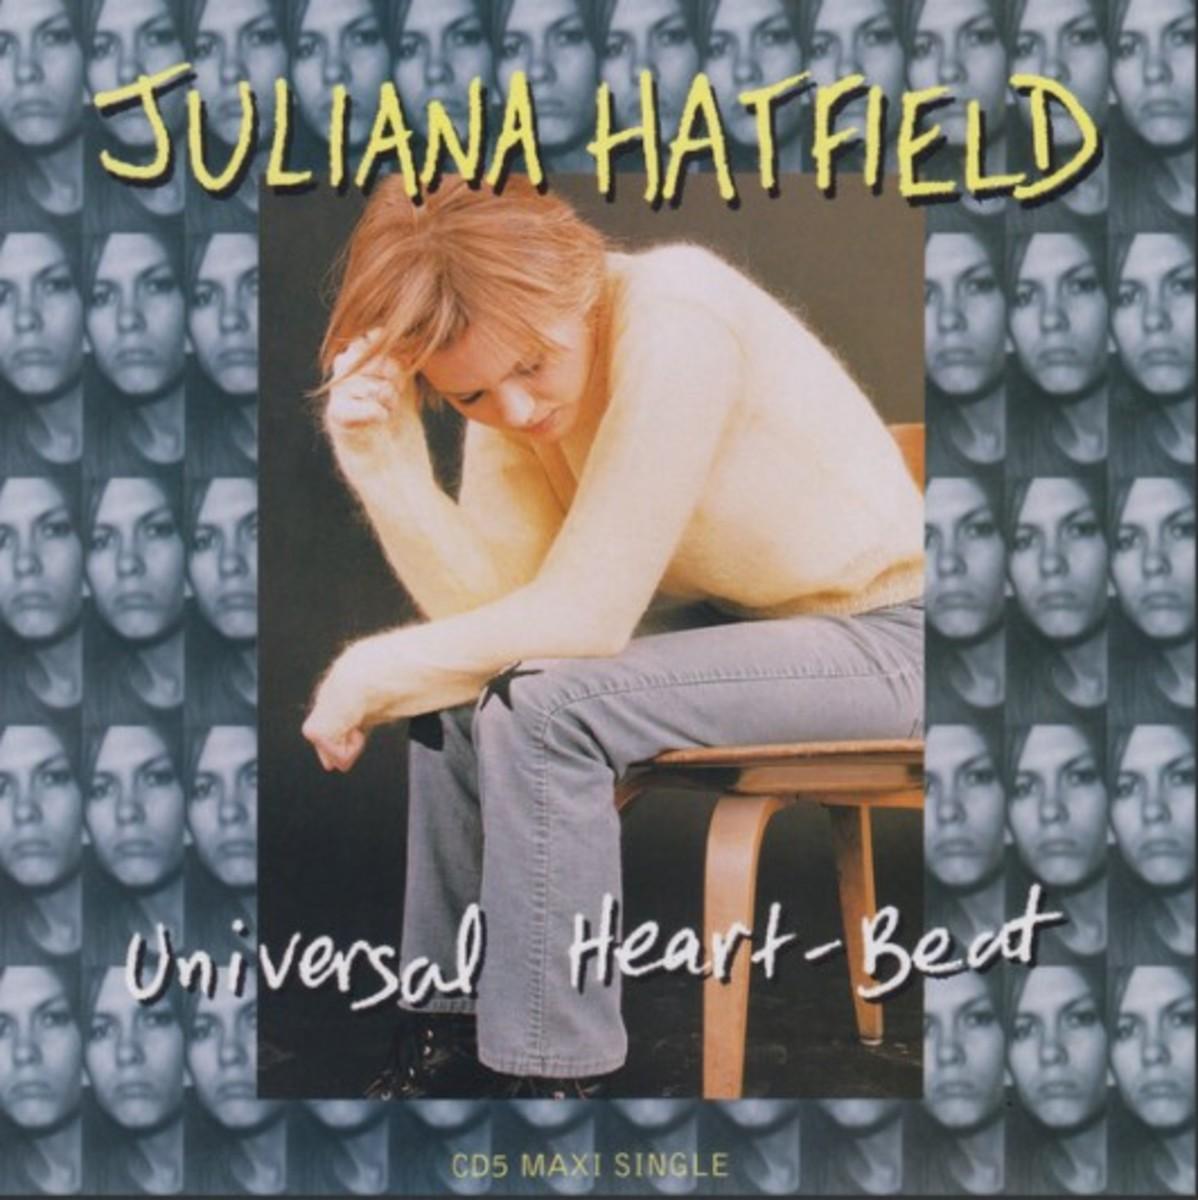 Juliana Hatfield Universal